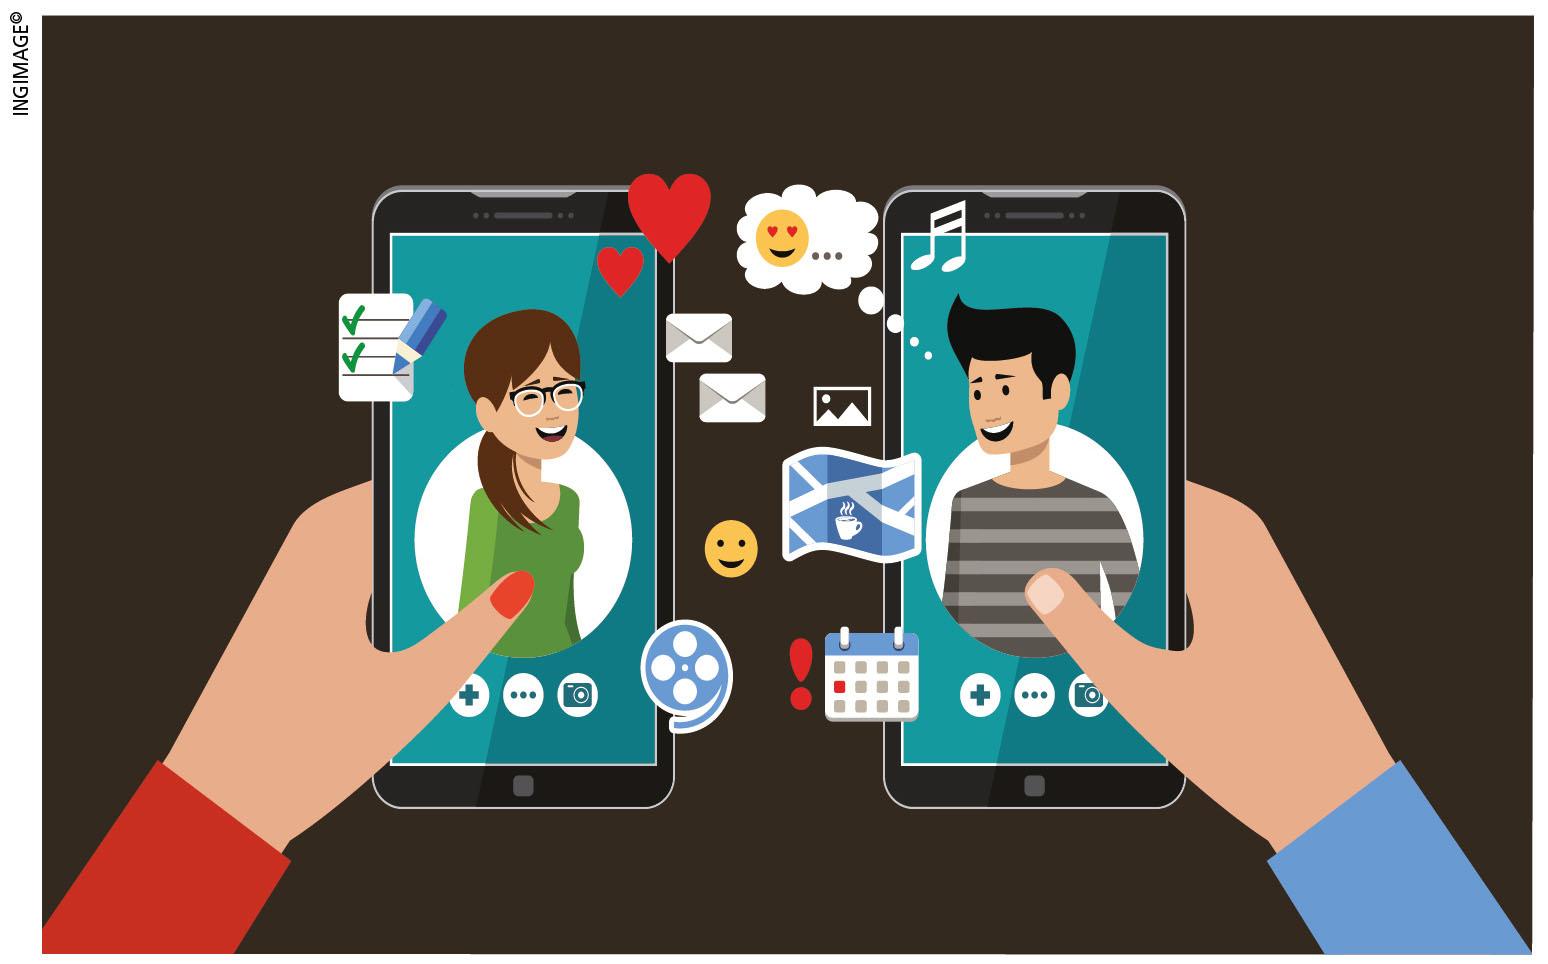 هل المواعدة عبر الإنترنت الطريقة الأكثر أمانًا لترتيب موعد - خدمات المواعدة على مواقع الإنترنت - الرغبات الجنسية المكبوتة